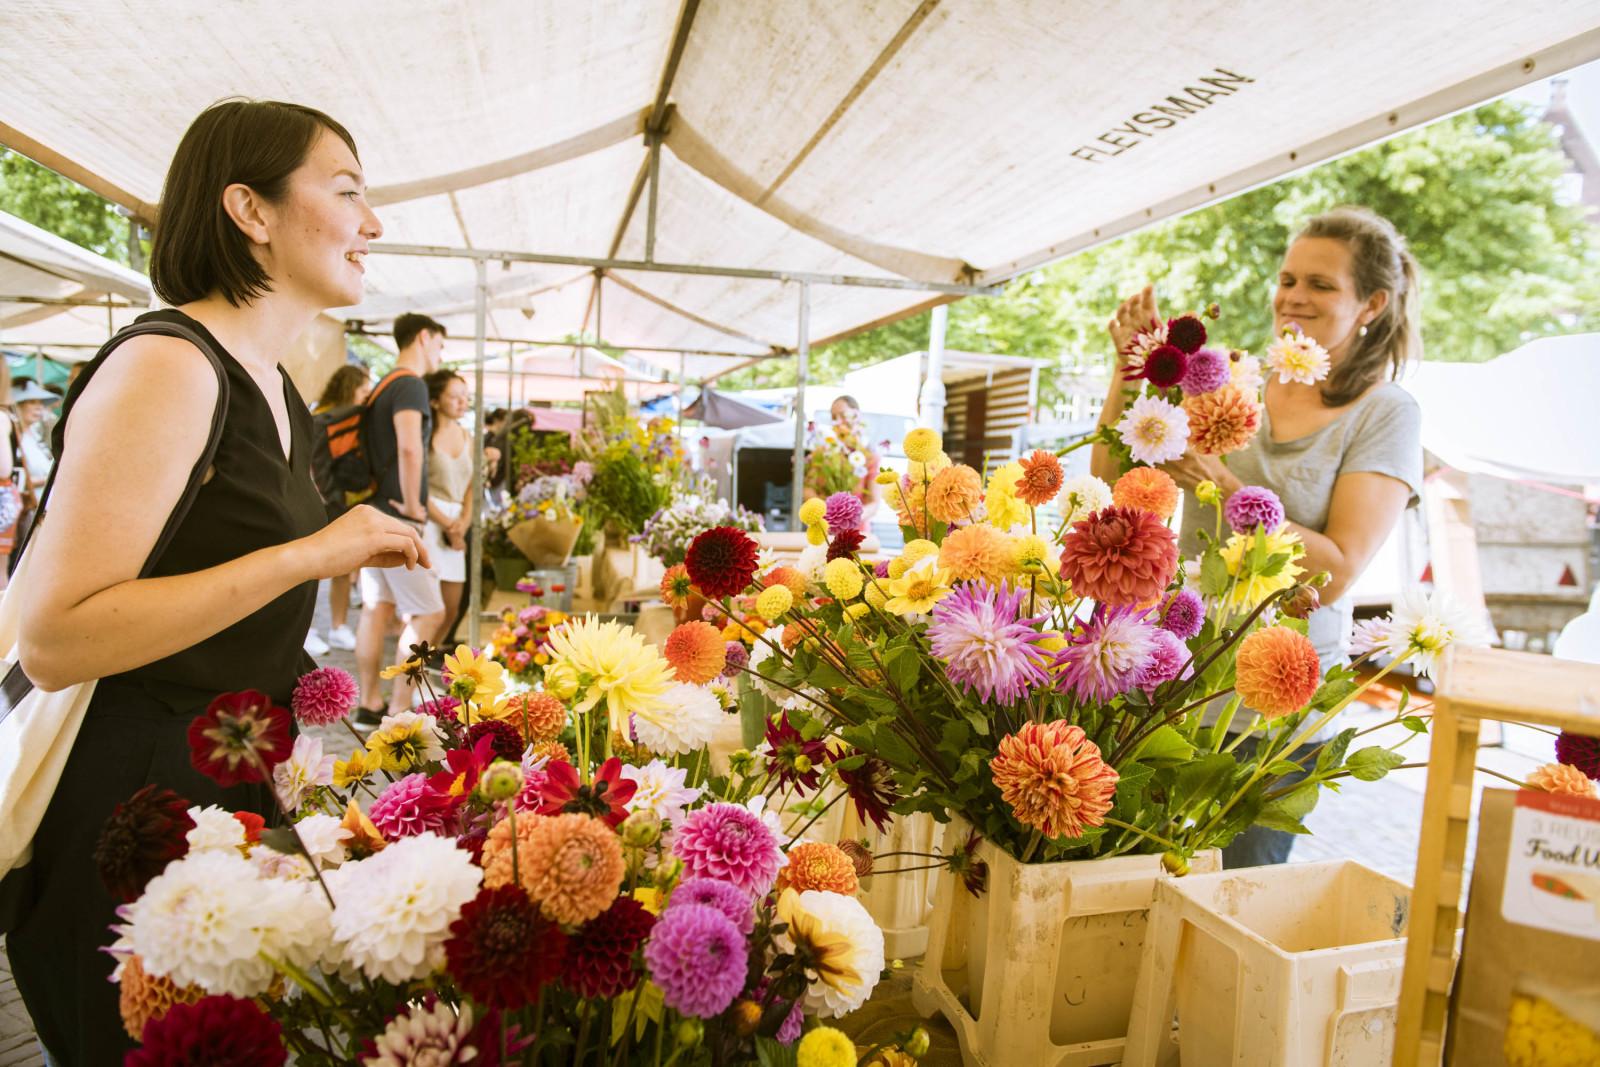 アムステルダムで毎週月・土曜に開催されるマーケット「Noordermarket」。土曜はオーガニックのフードマーケットがメインとなる。